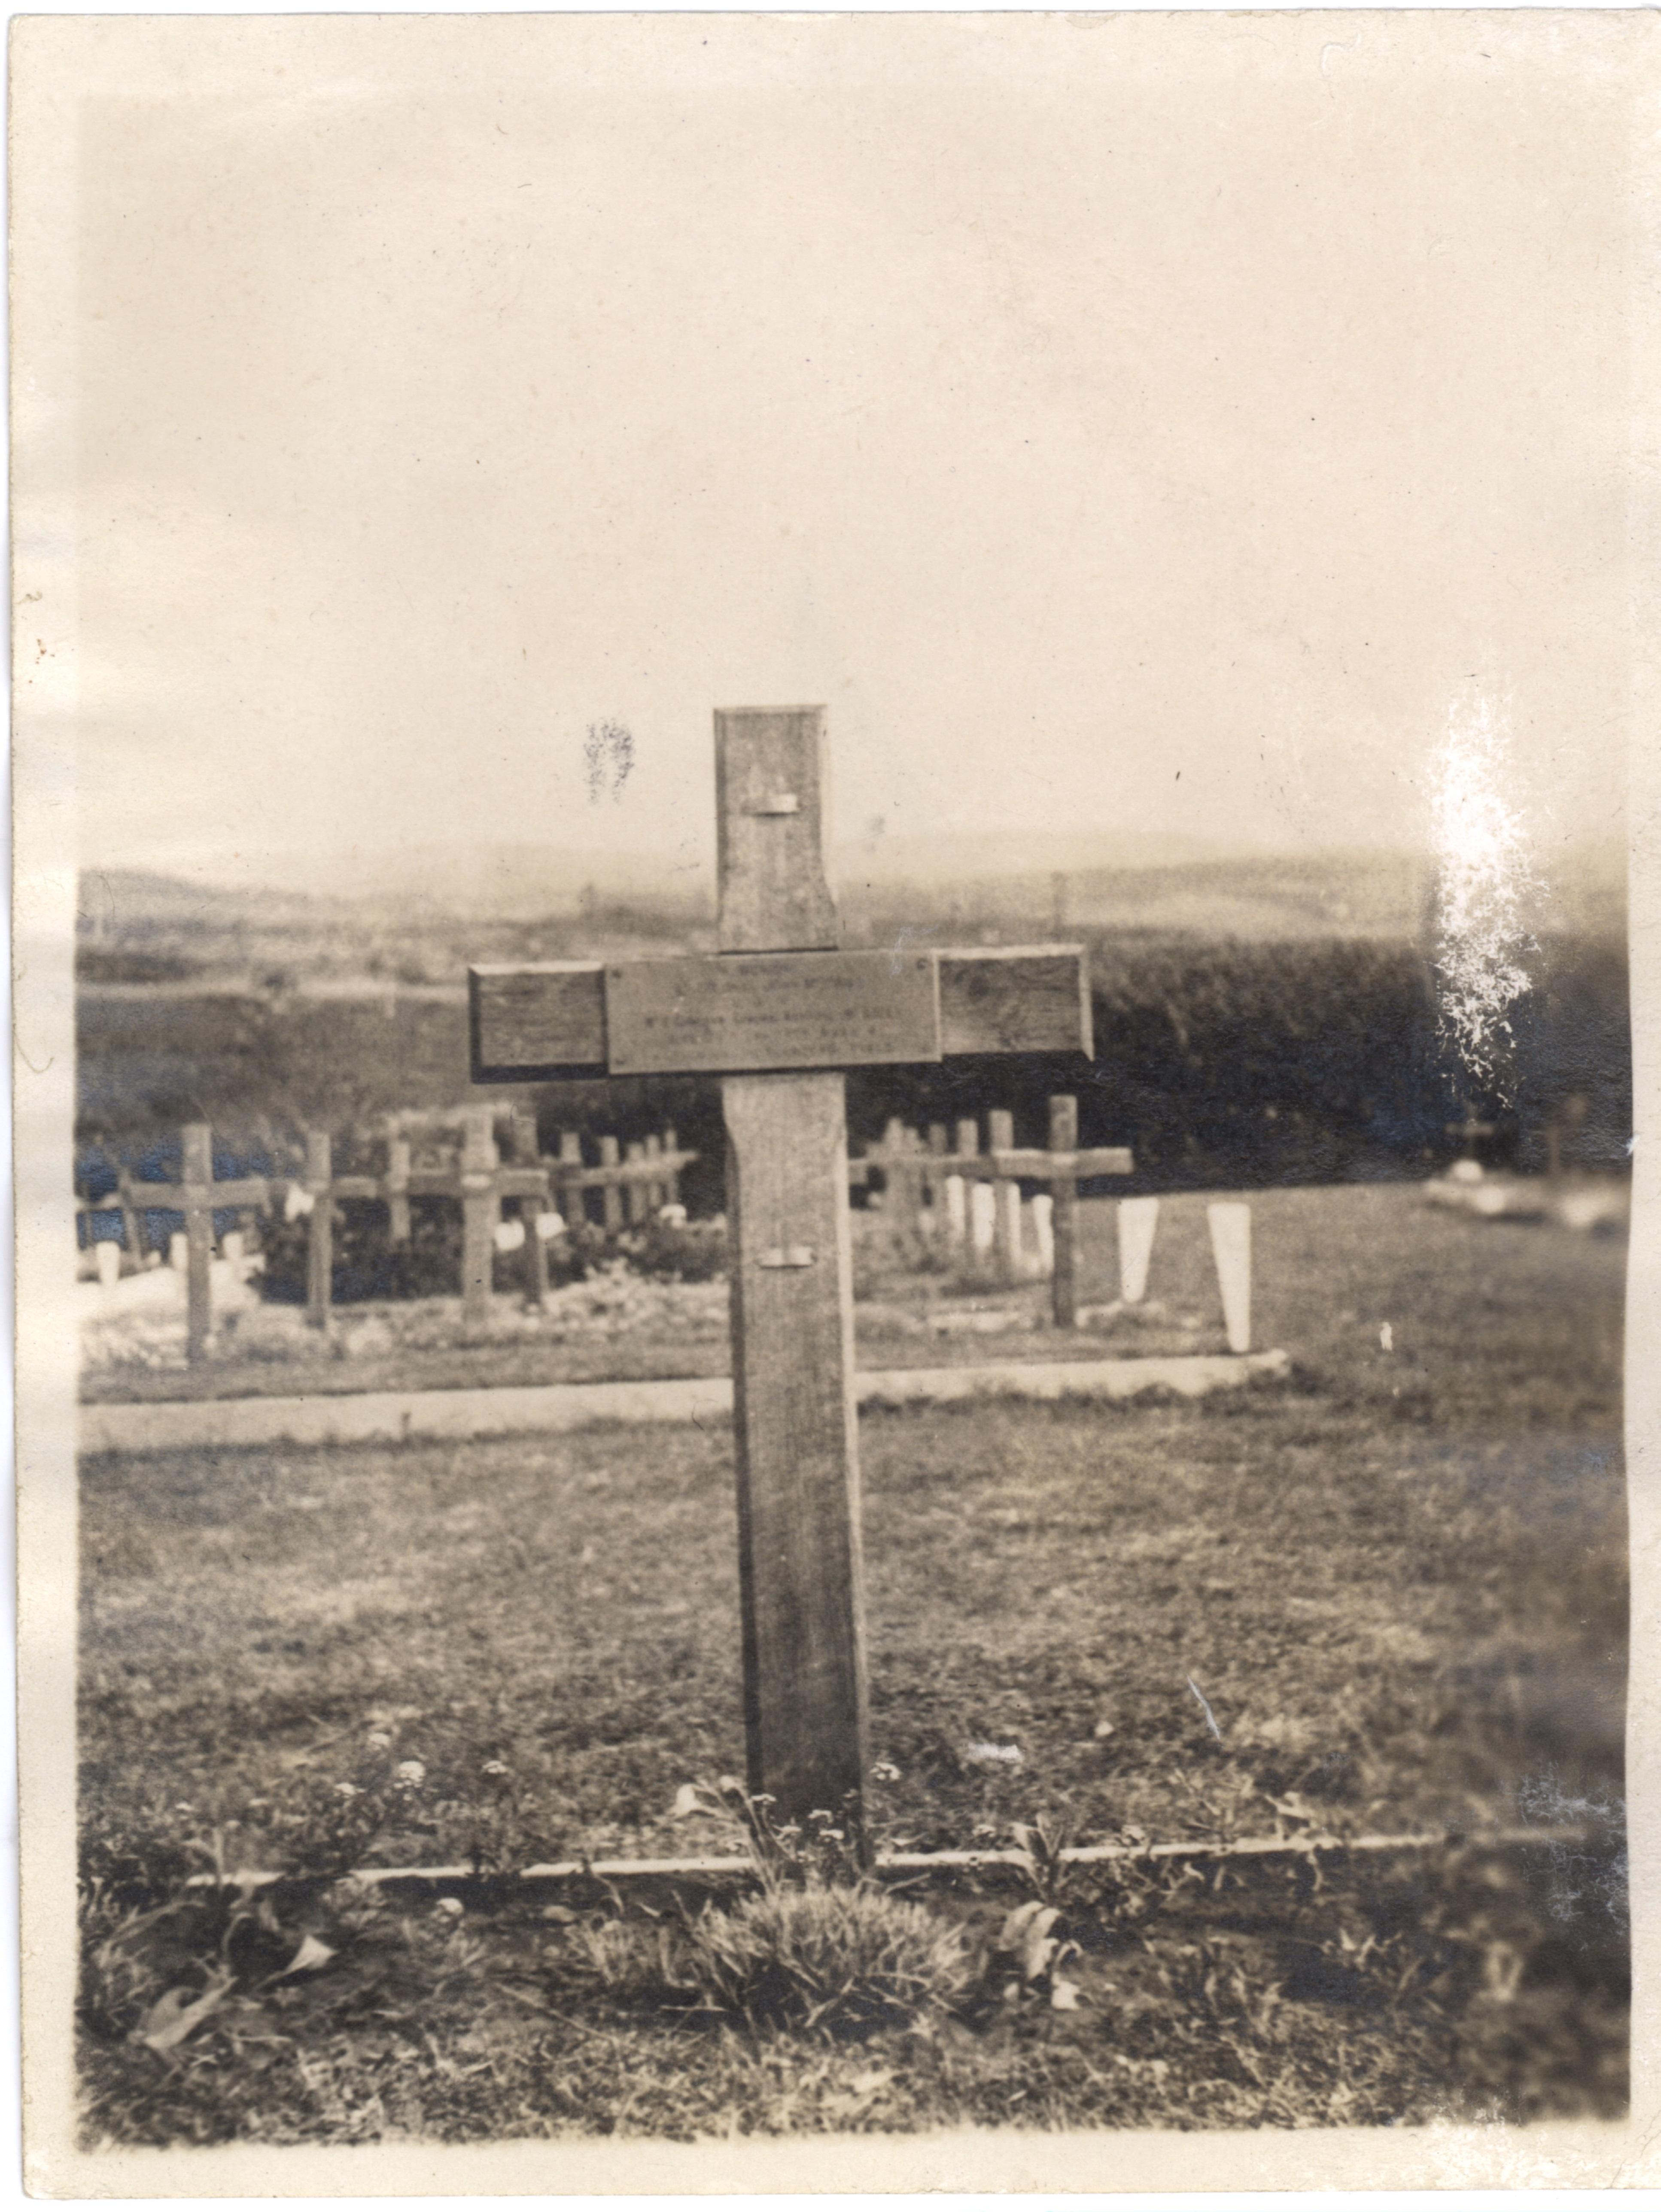 La tombe de John McCrae au cimetière de Wimereux, 1925